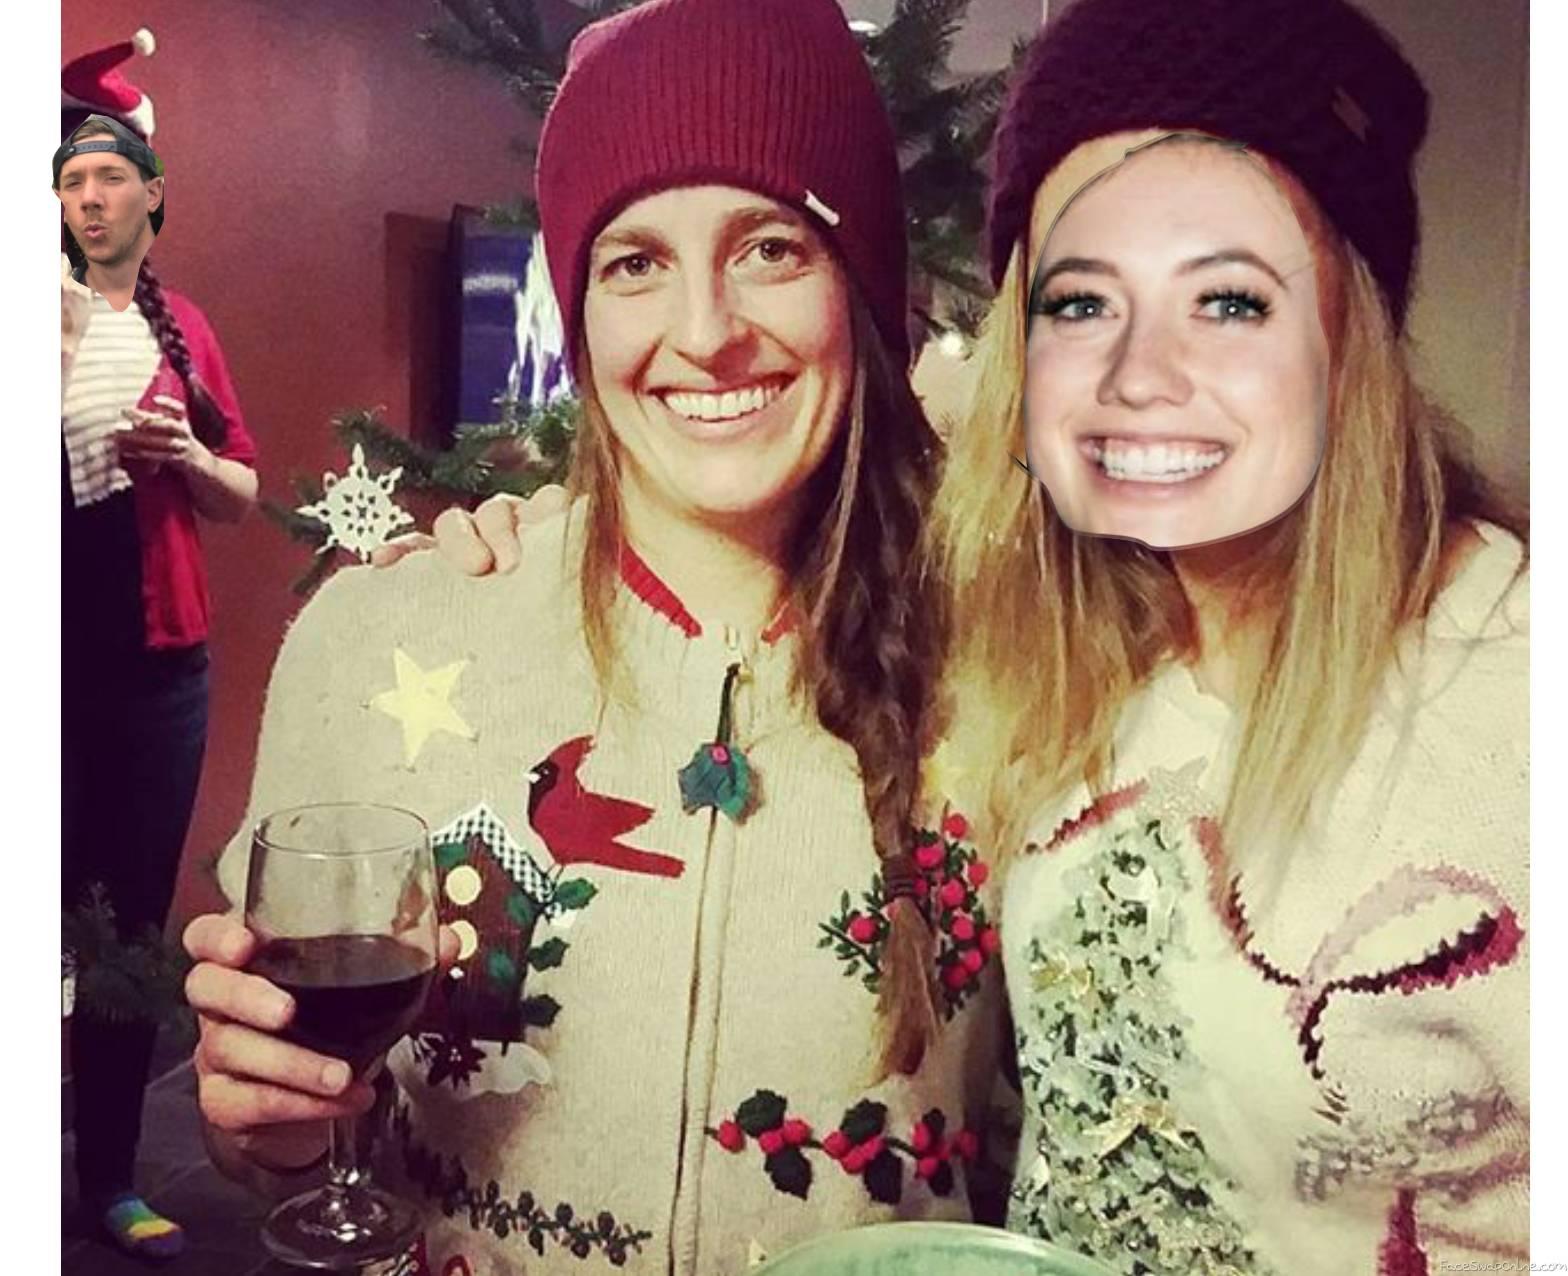 Christmas in Rivendell